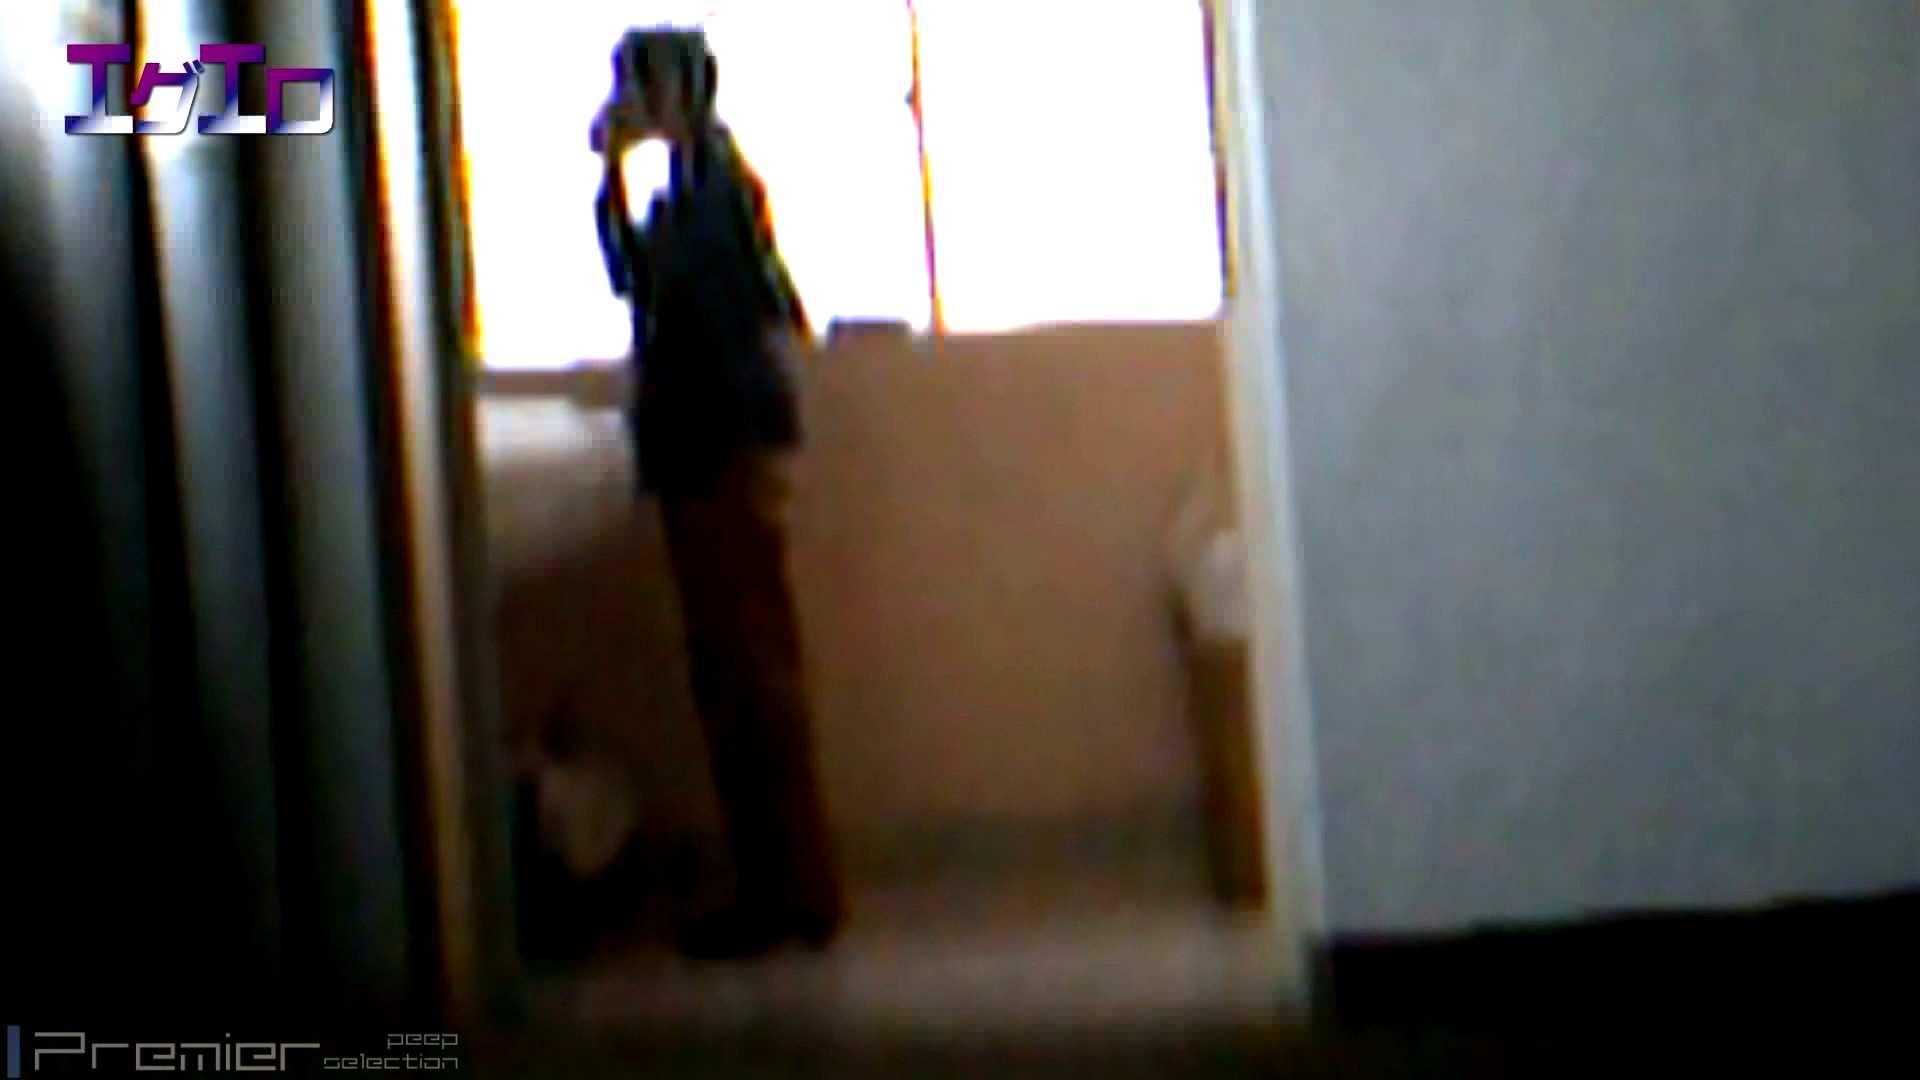 至近距離洗面所 Vol.09夏ギャルキタ~和式トイレ放nyoショー トイレの中の女の子  34連発 20